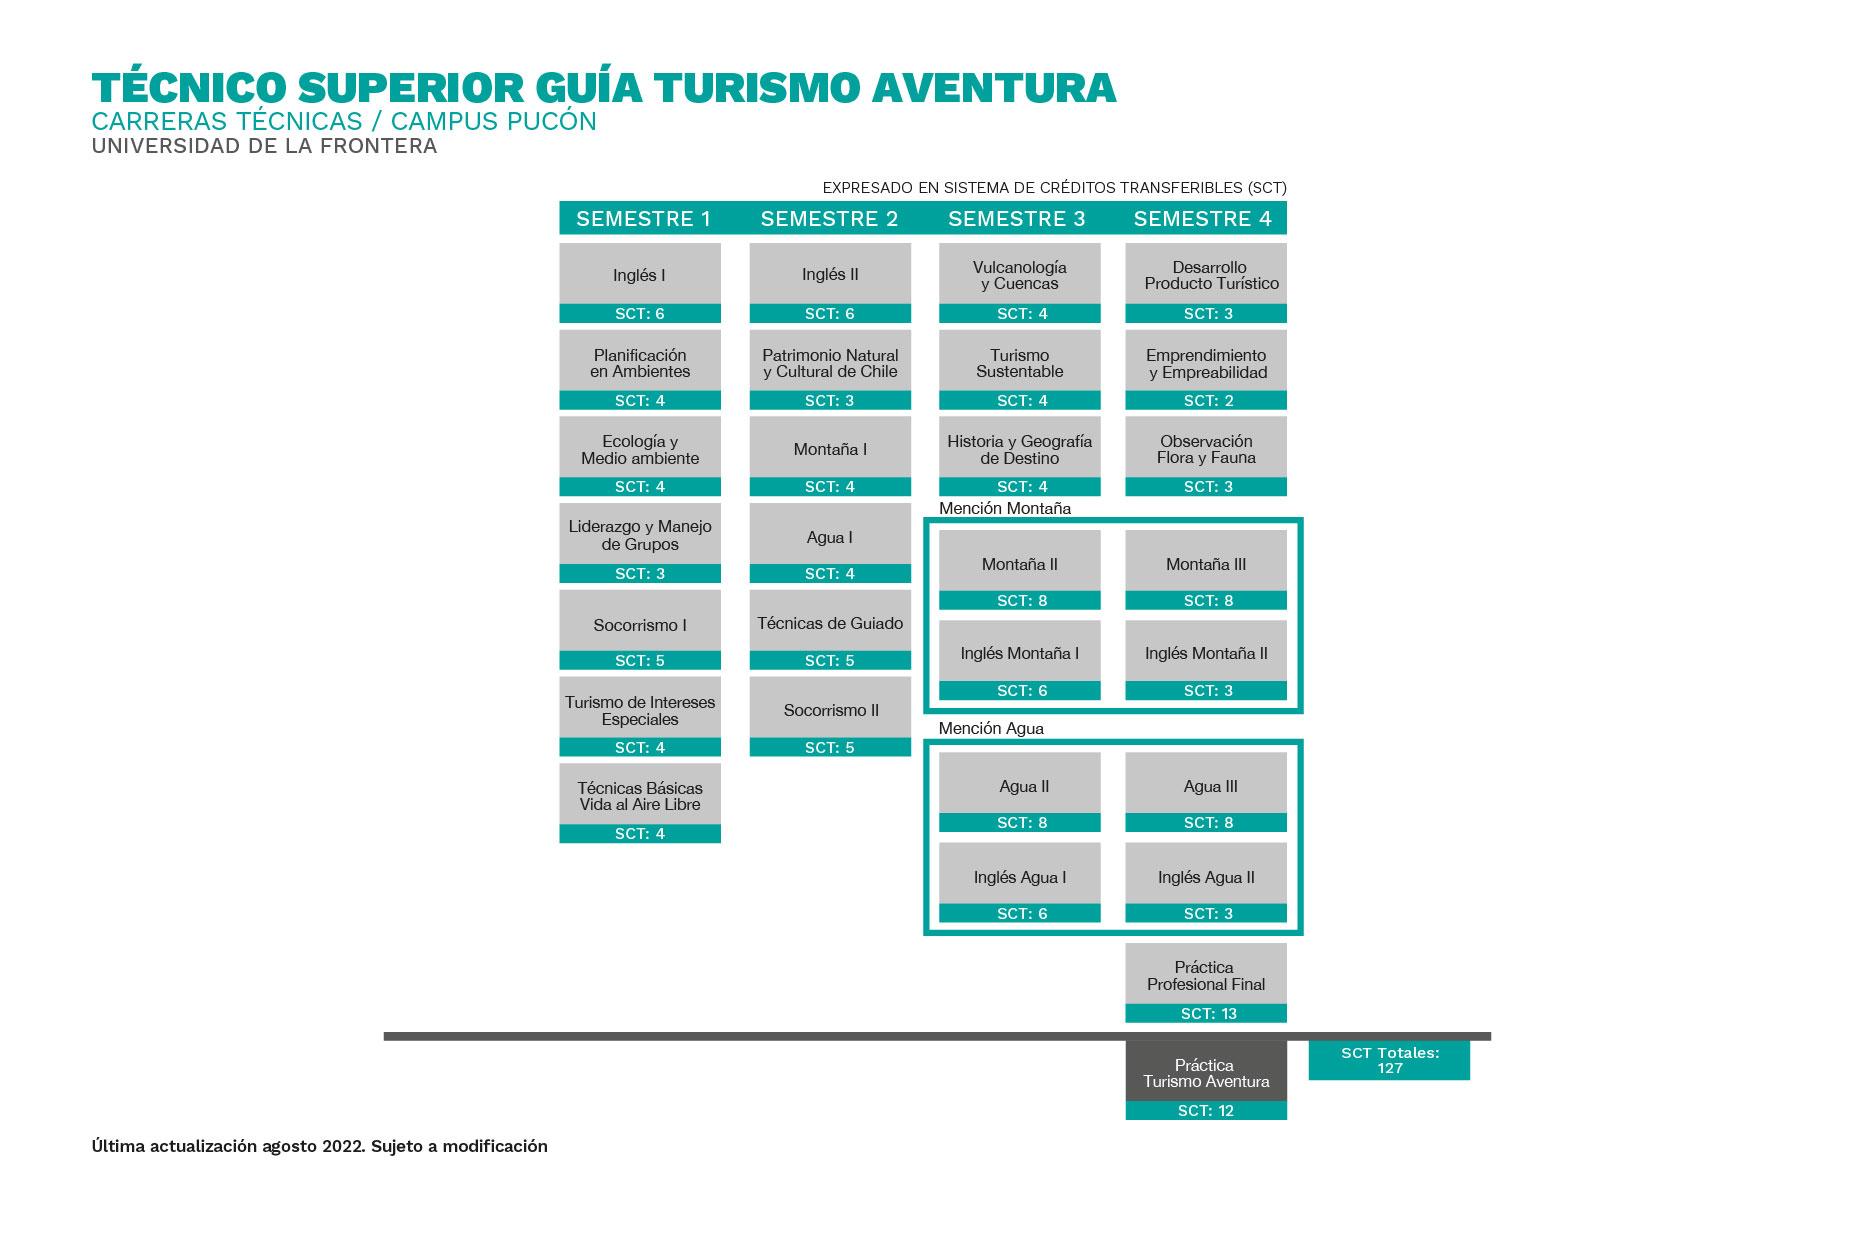 Plan de Estudios Técnico Guía Turismo Aventura Universidad de La Frontera